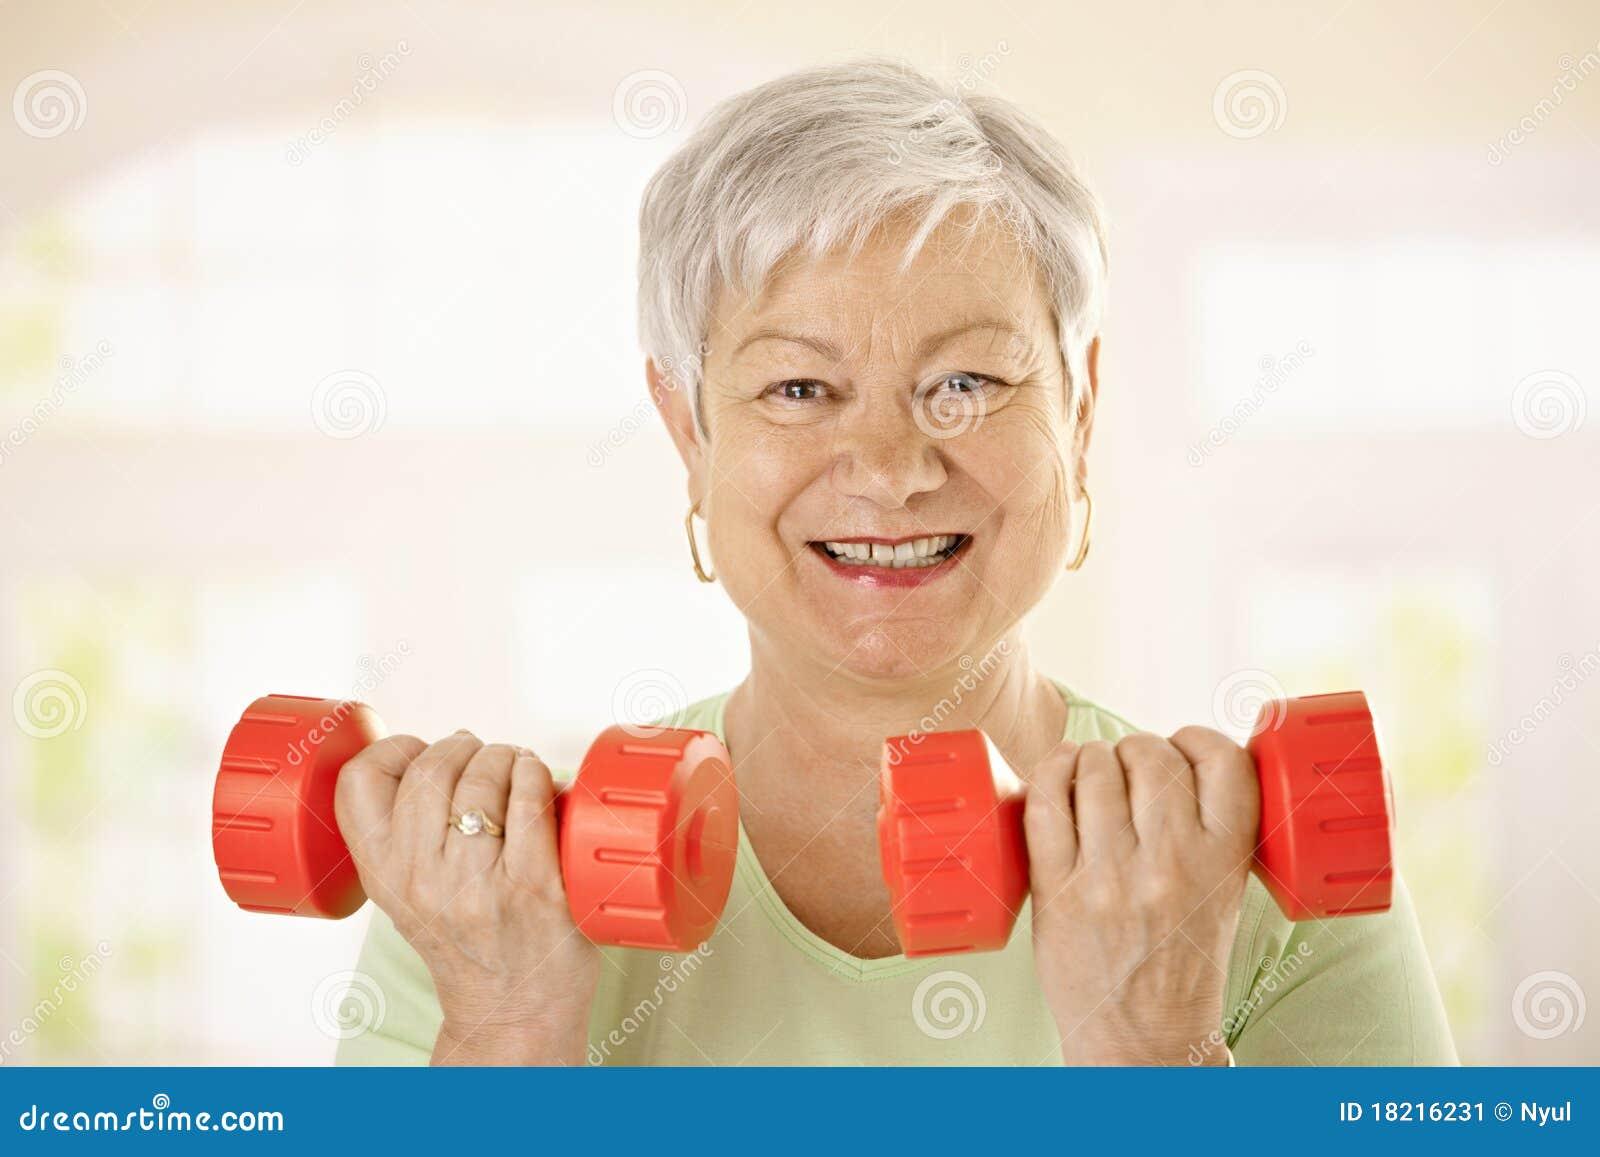 Actieve hogere vrouw die oefeningen doet